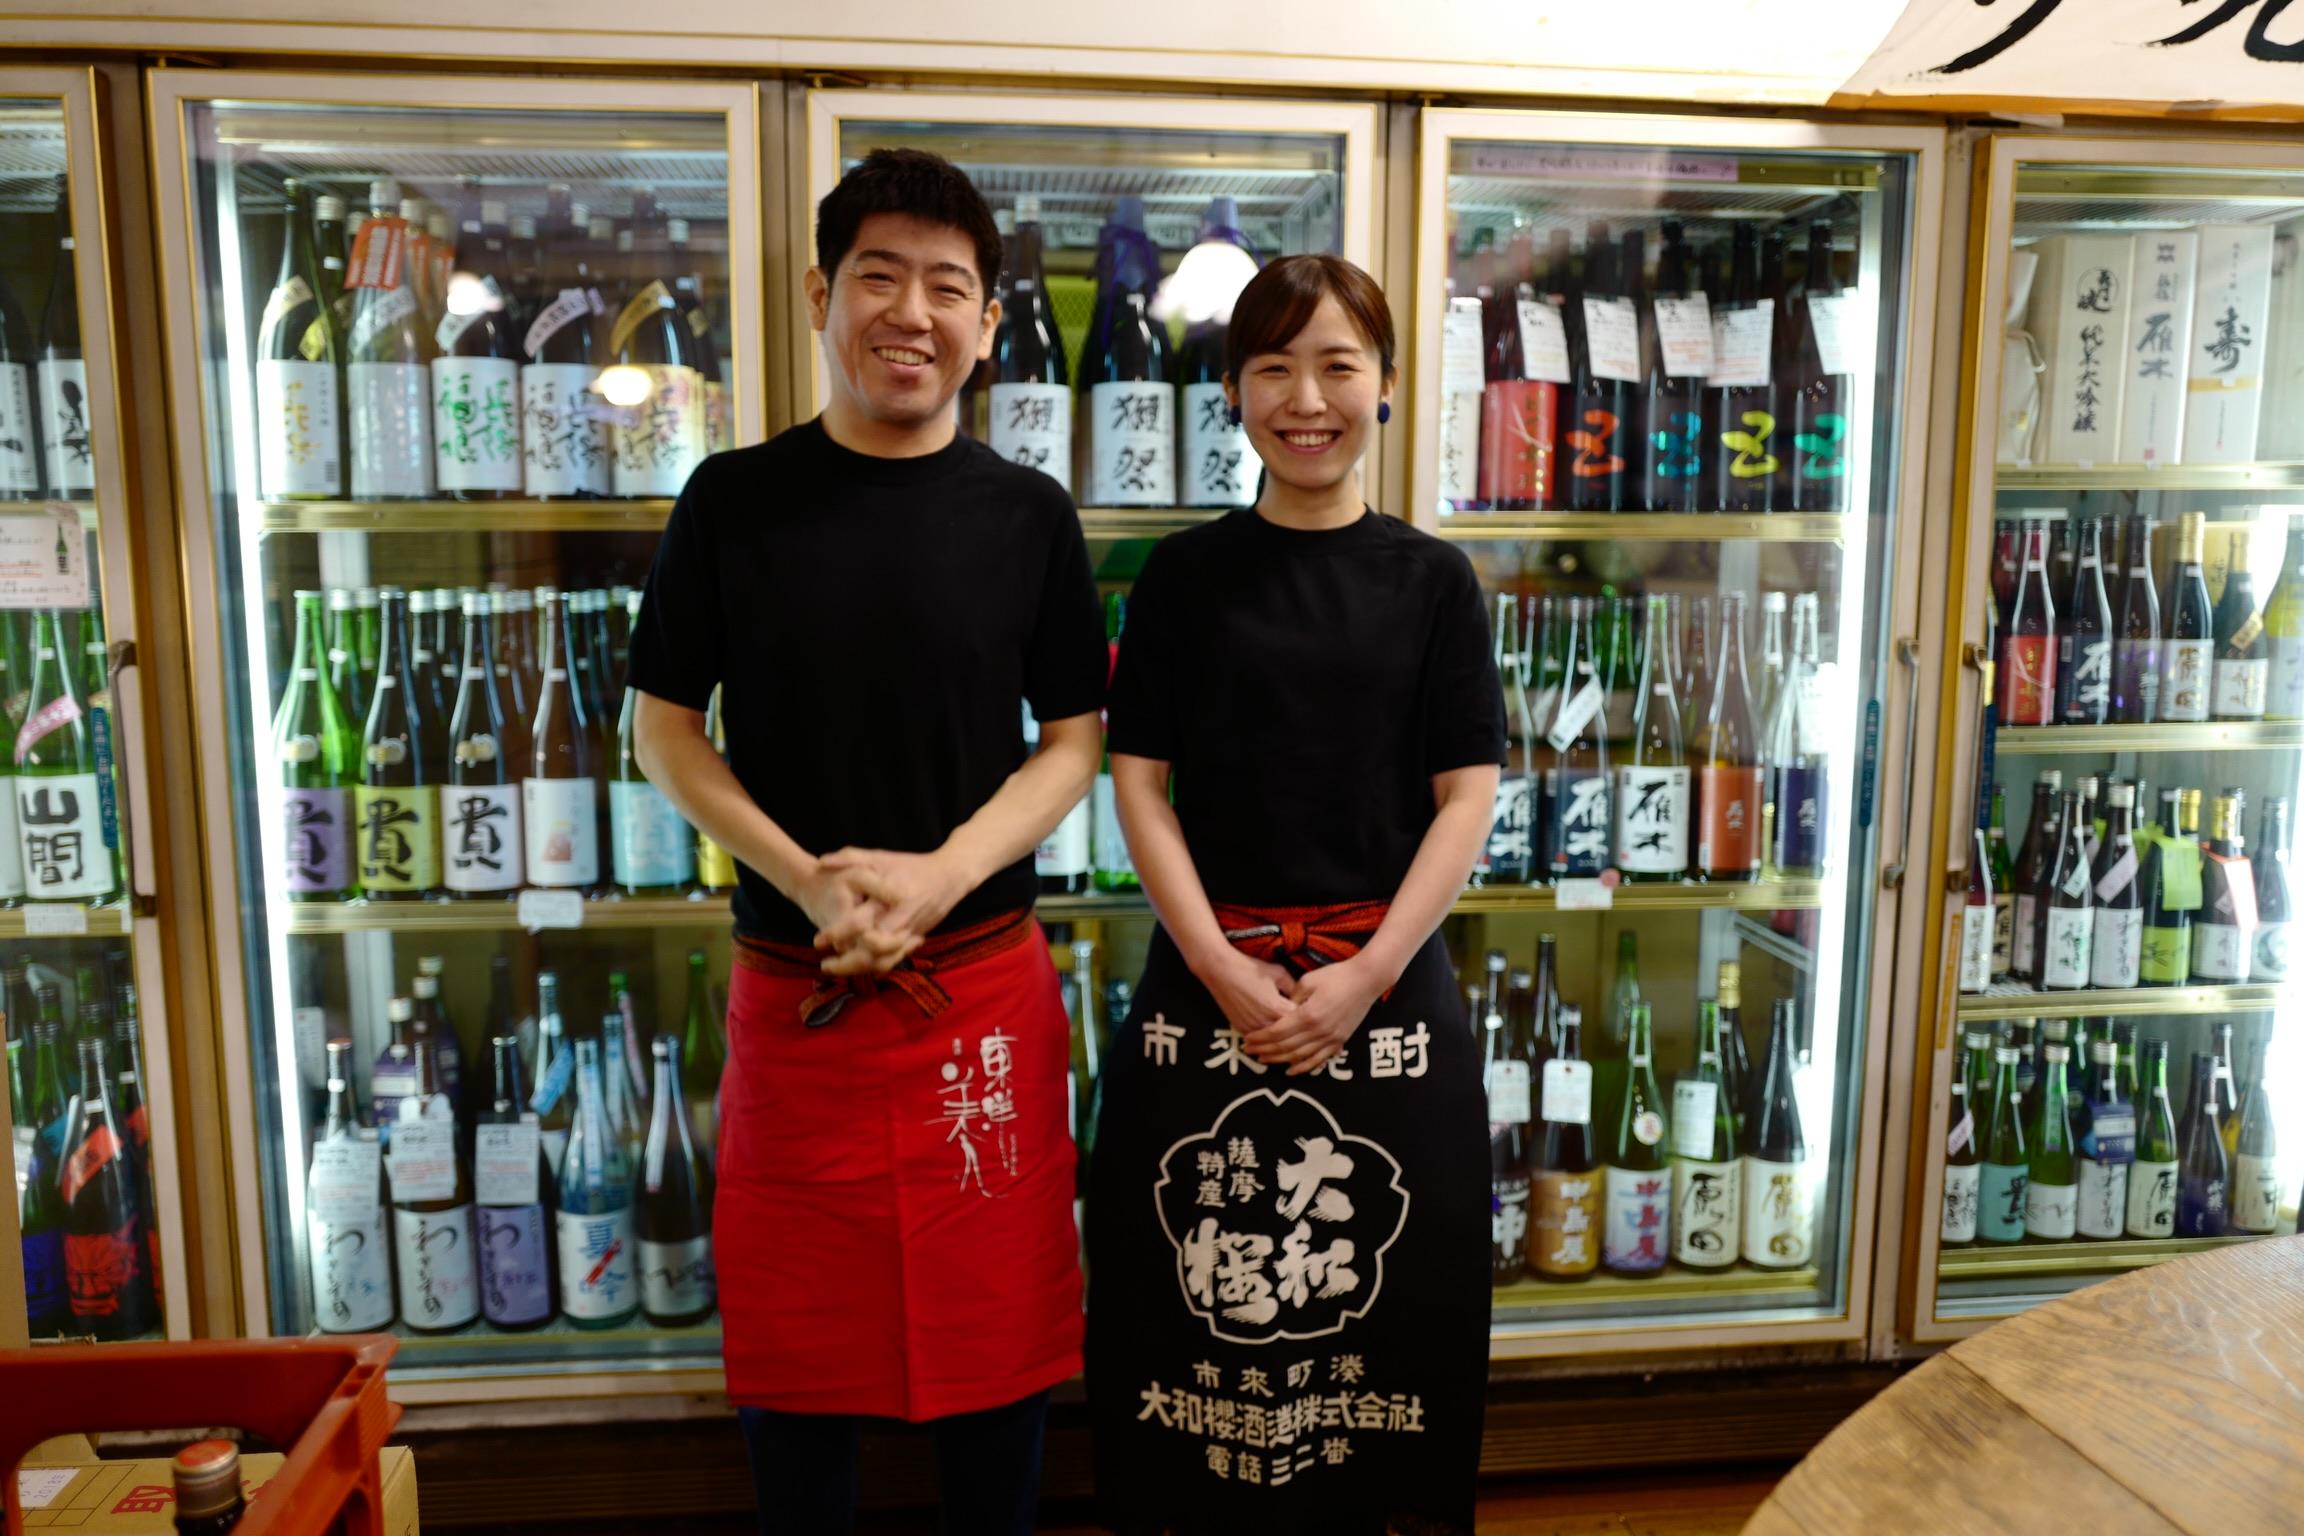 地酒のまえつる 日本酒・焼酎の通販ページ   山口県をはじめ、全国の地酒を定価にて購入いただける通販サイトです。店舗は山口県下関市にございます。